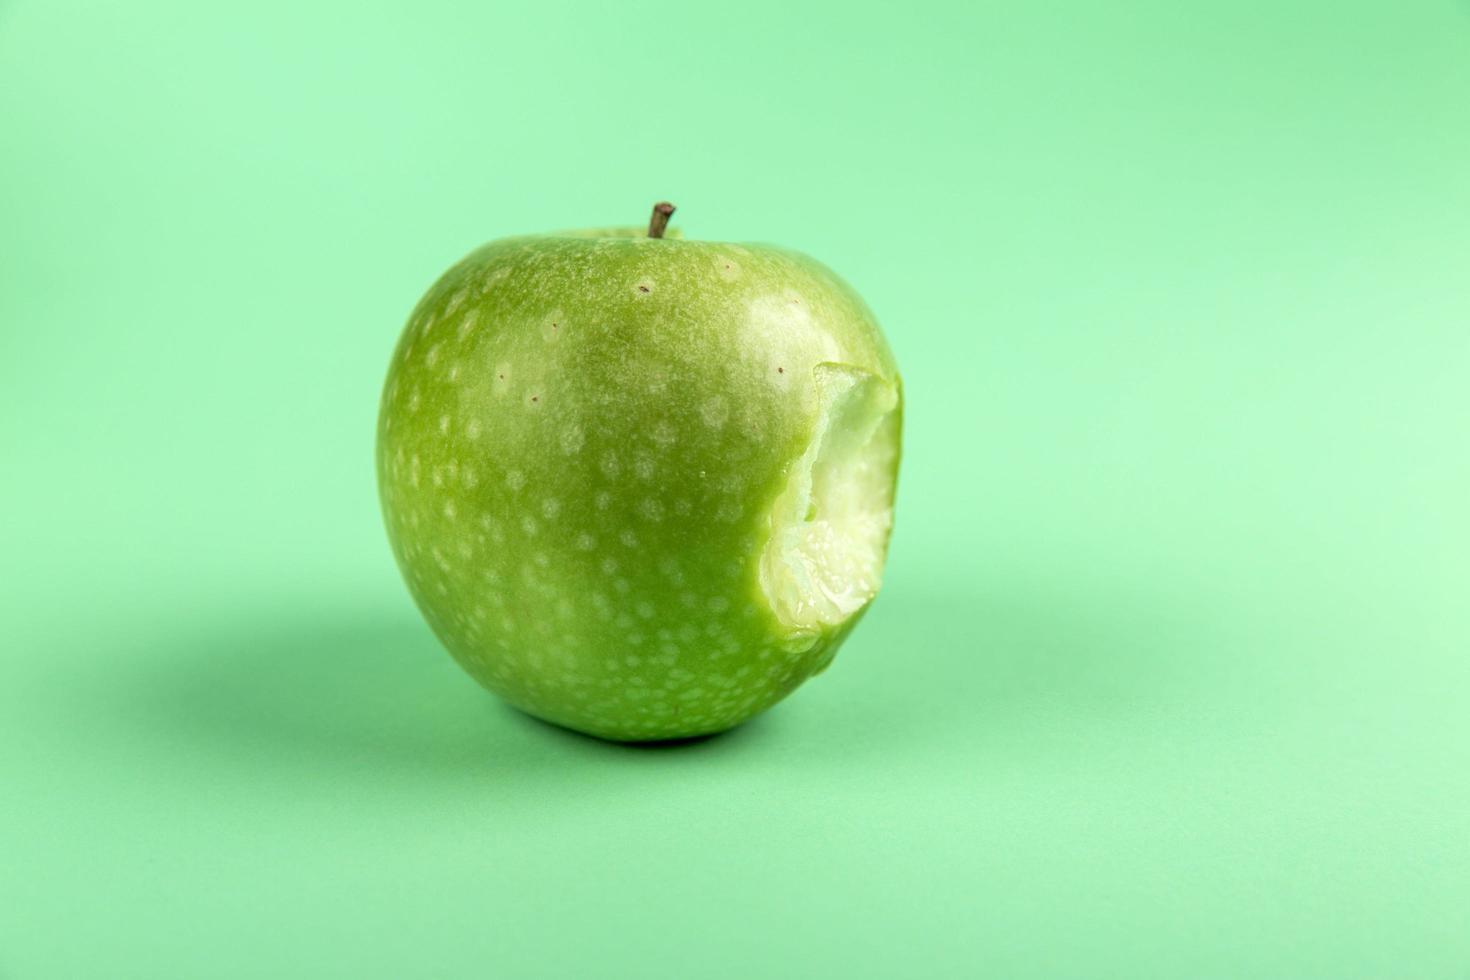 Granny smith apple with bite photo